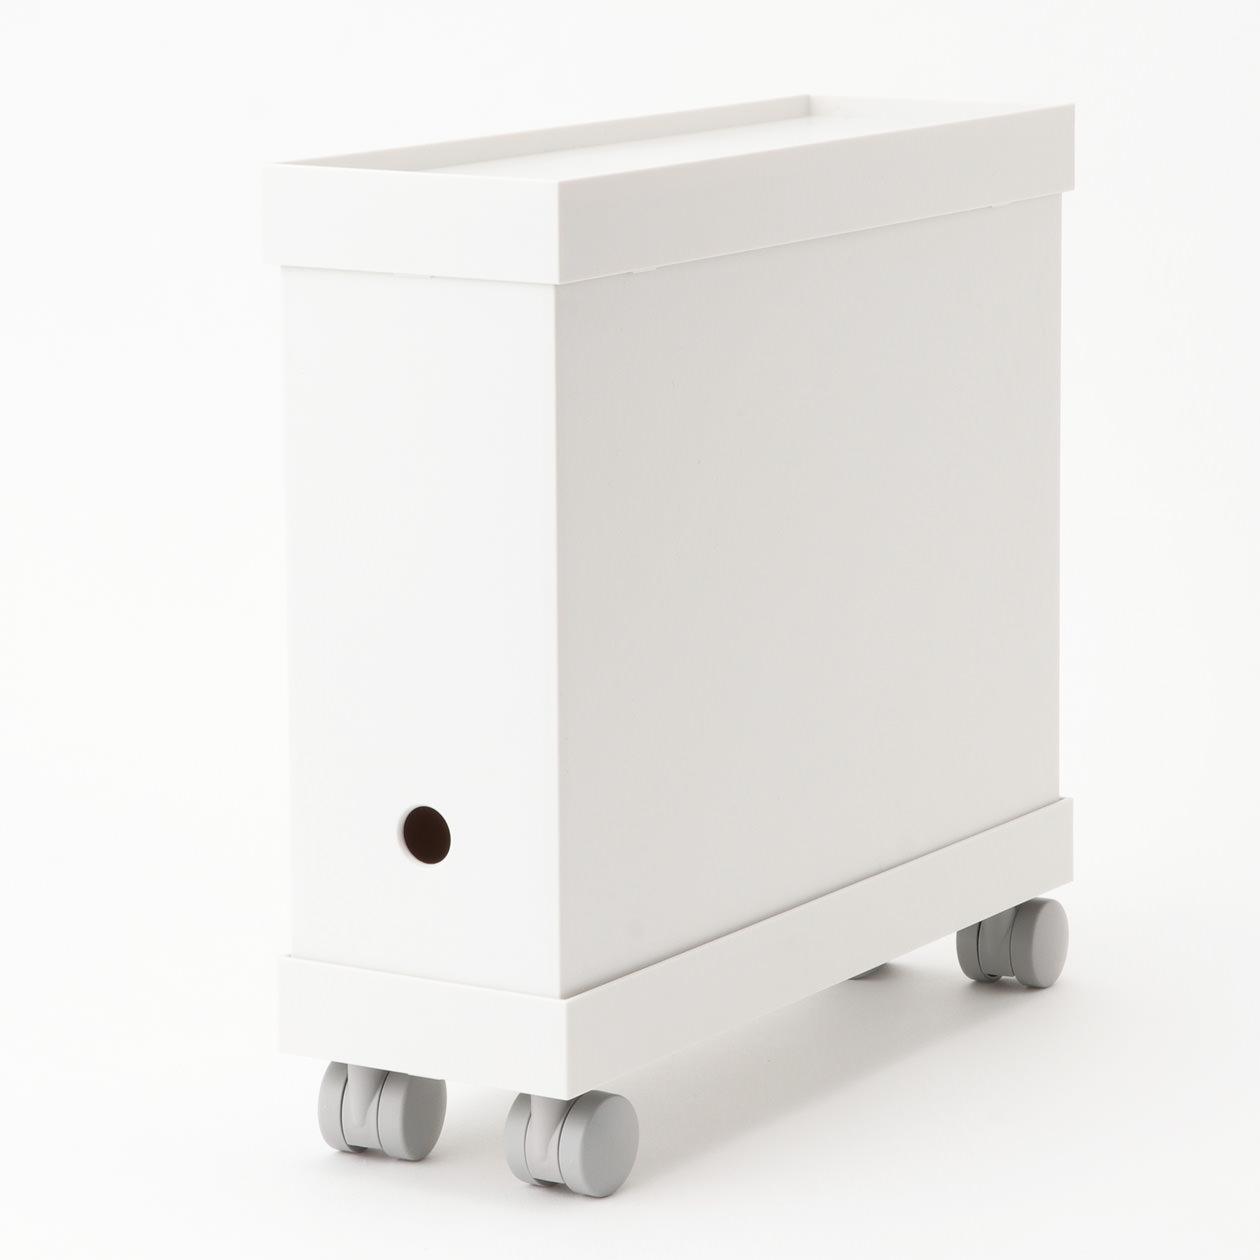 無印良品・ポリプロピレンファイルボックススタンダード用キャスターもつけられるフタ 幅10cm用・ホワイトグレー